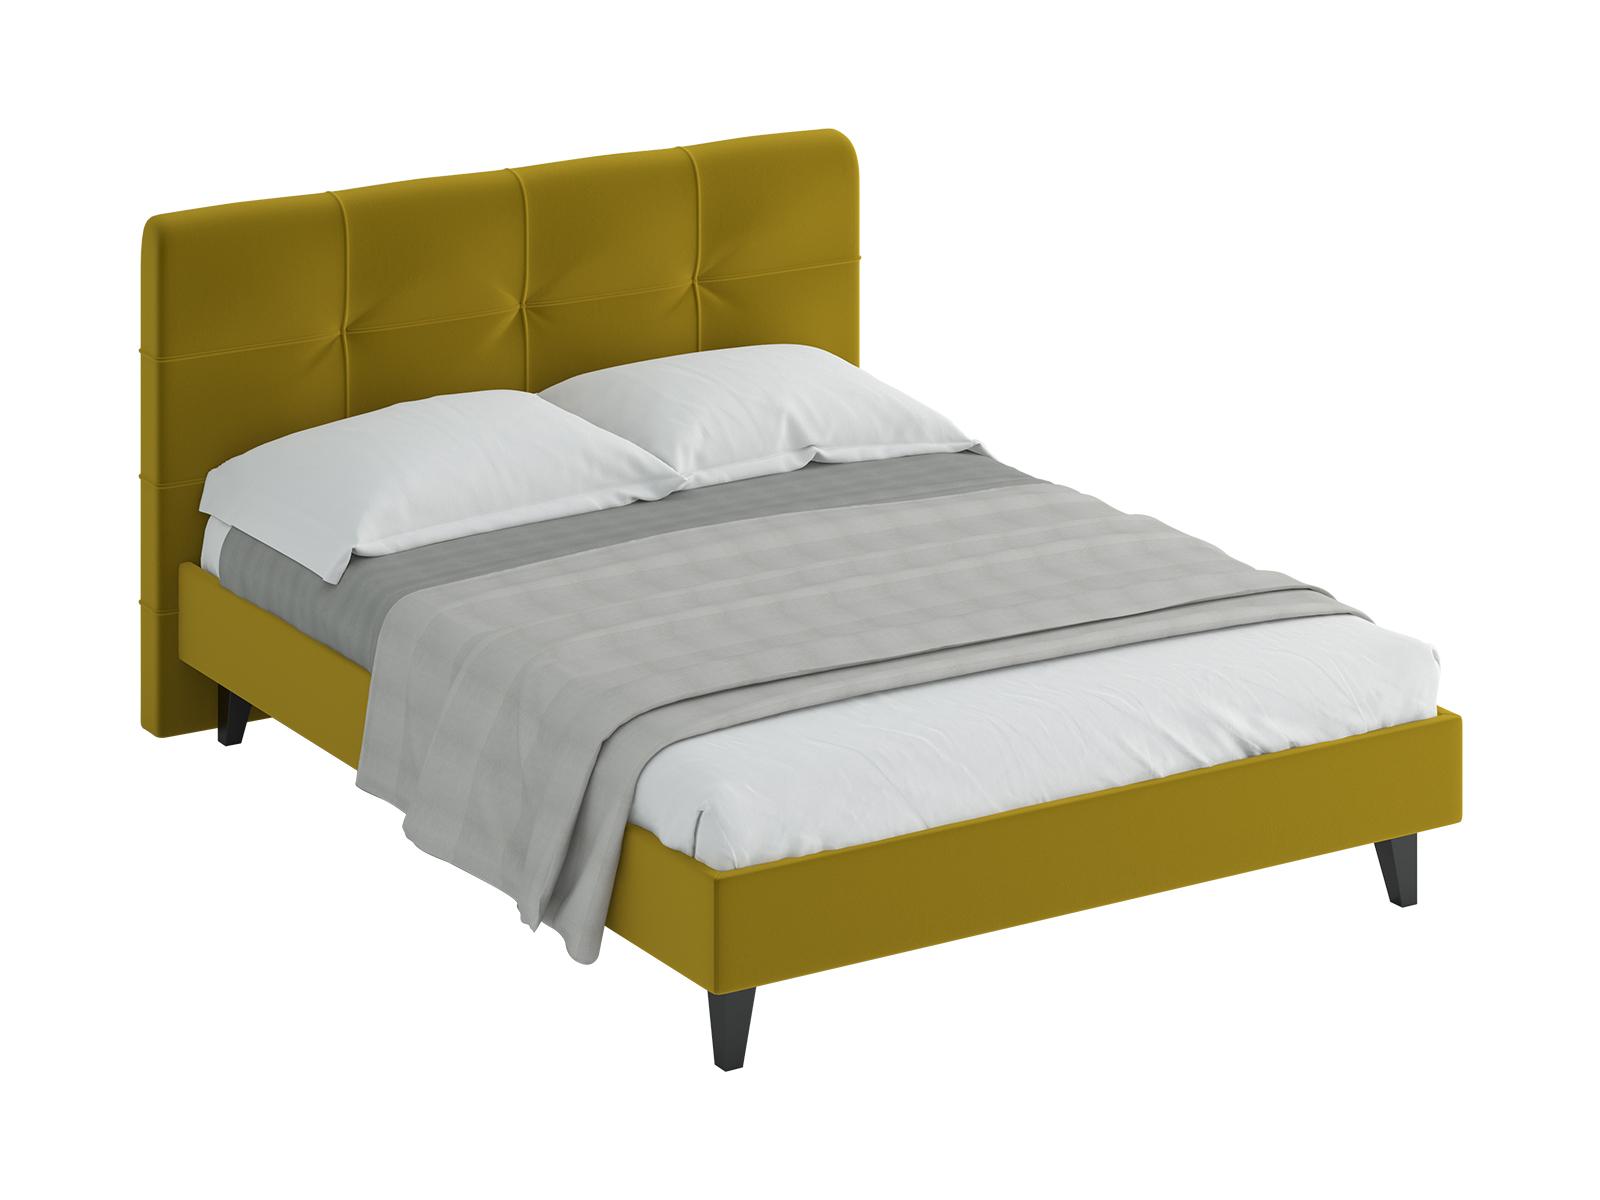 Кровать Queen Anna LКровати<br>Кровать двуспальная.  Спинка кровати оформлена декоративной строчкой. Основание установлено на ножки из массива дерева и обрамлено мягкими царгами. Размер спального места: 1600х2000 мм.<br>